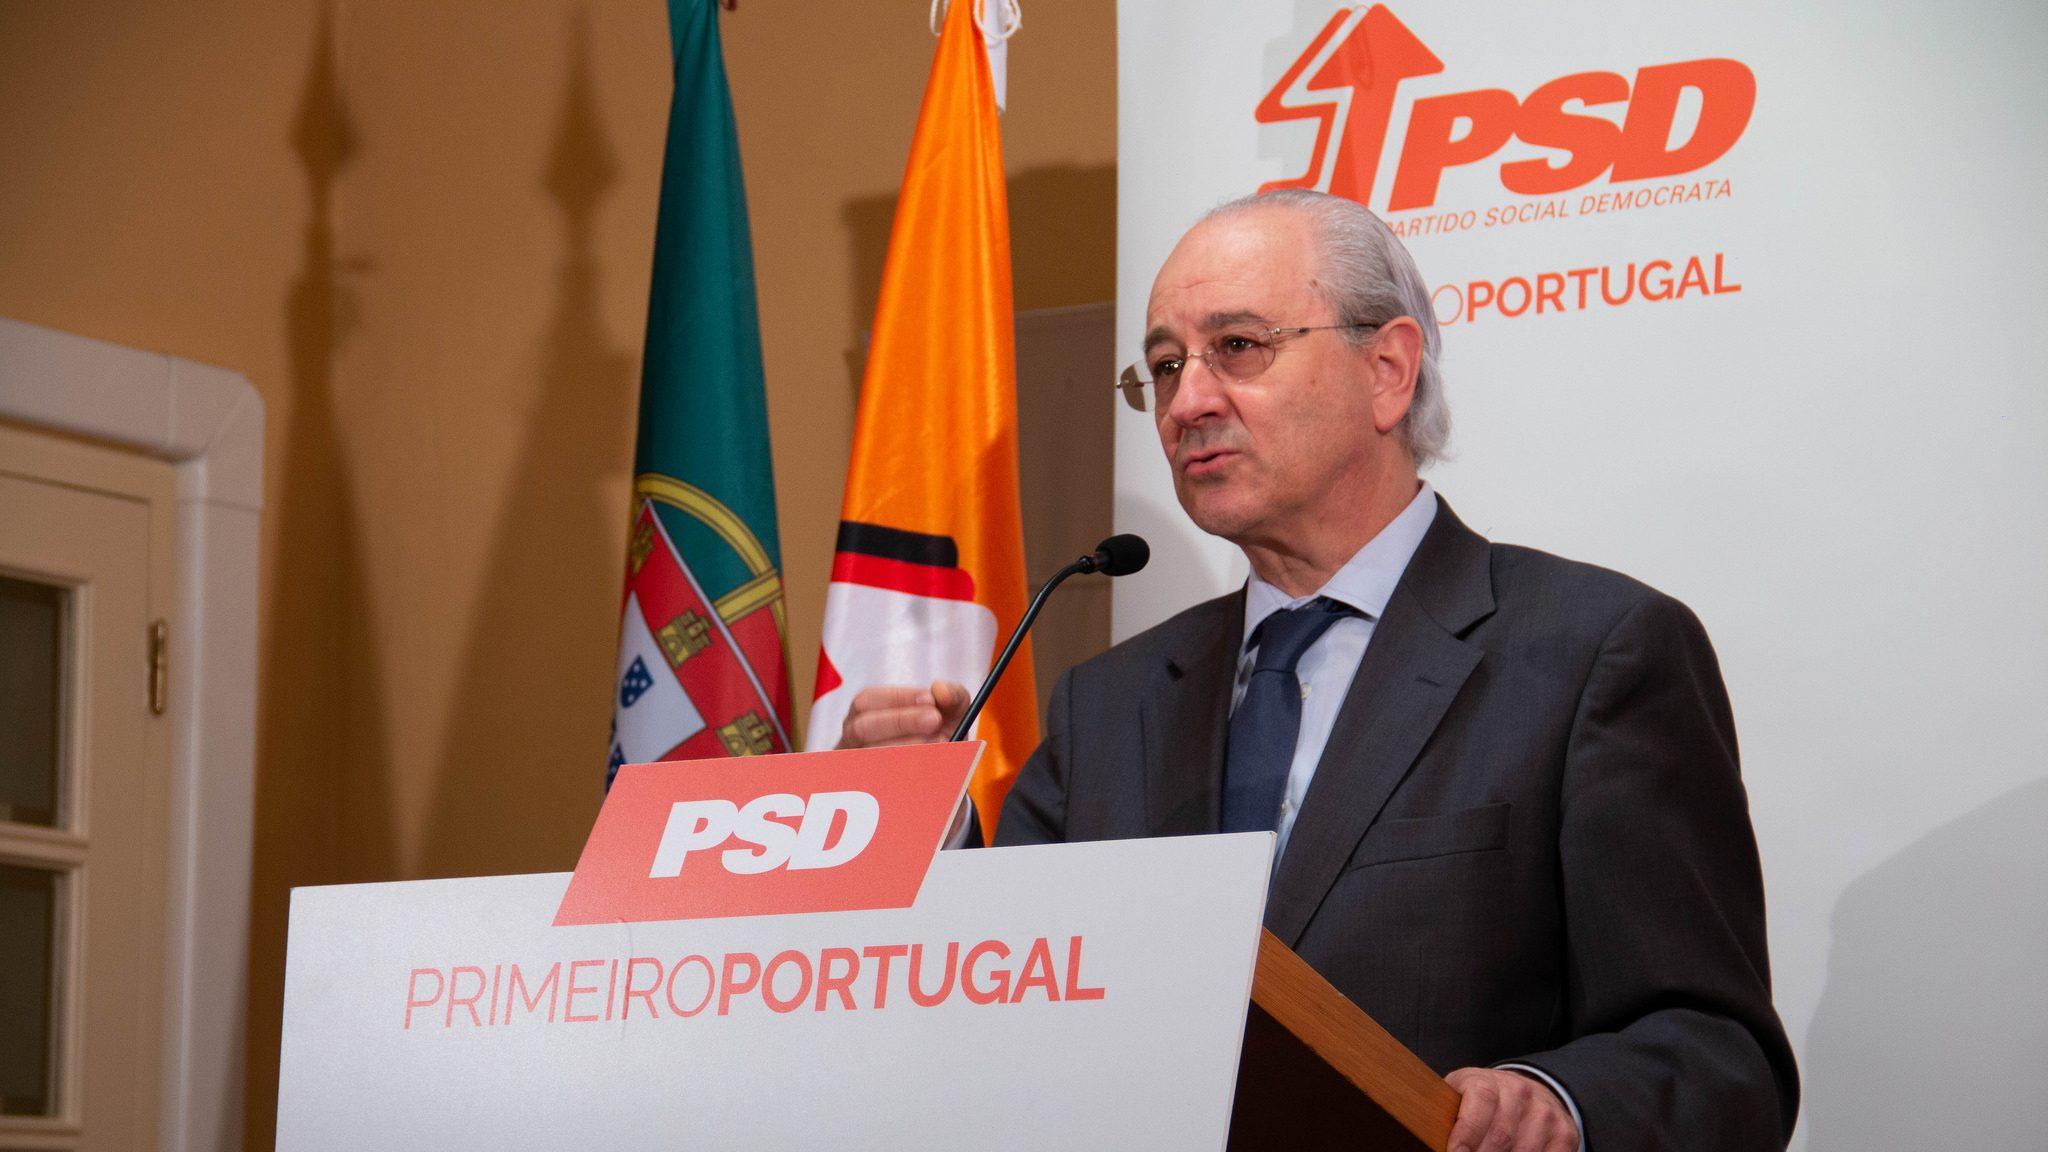 """Rui Rio: Mandato de Joana Marques Vidal """"terá sido o melhor desde o 25 de abril"""""""